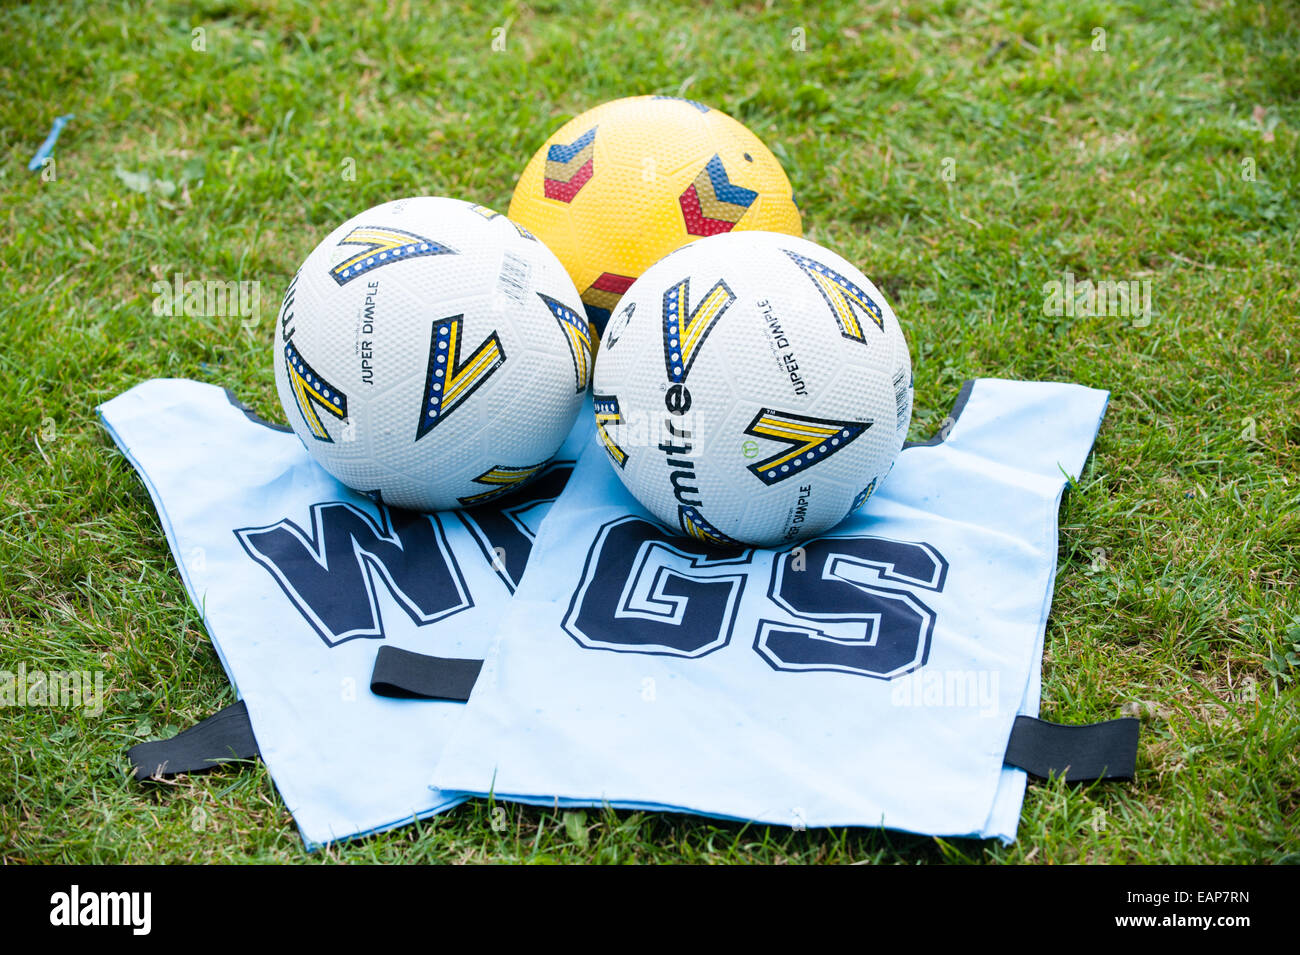 Le netball blanc propre tabards et trois balles de netball sur l'herbe dans une école cours de coaching Photo Stock